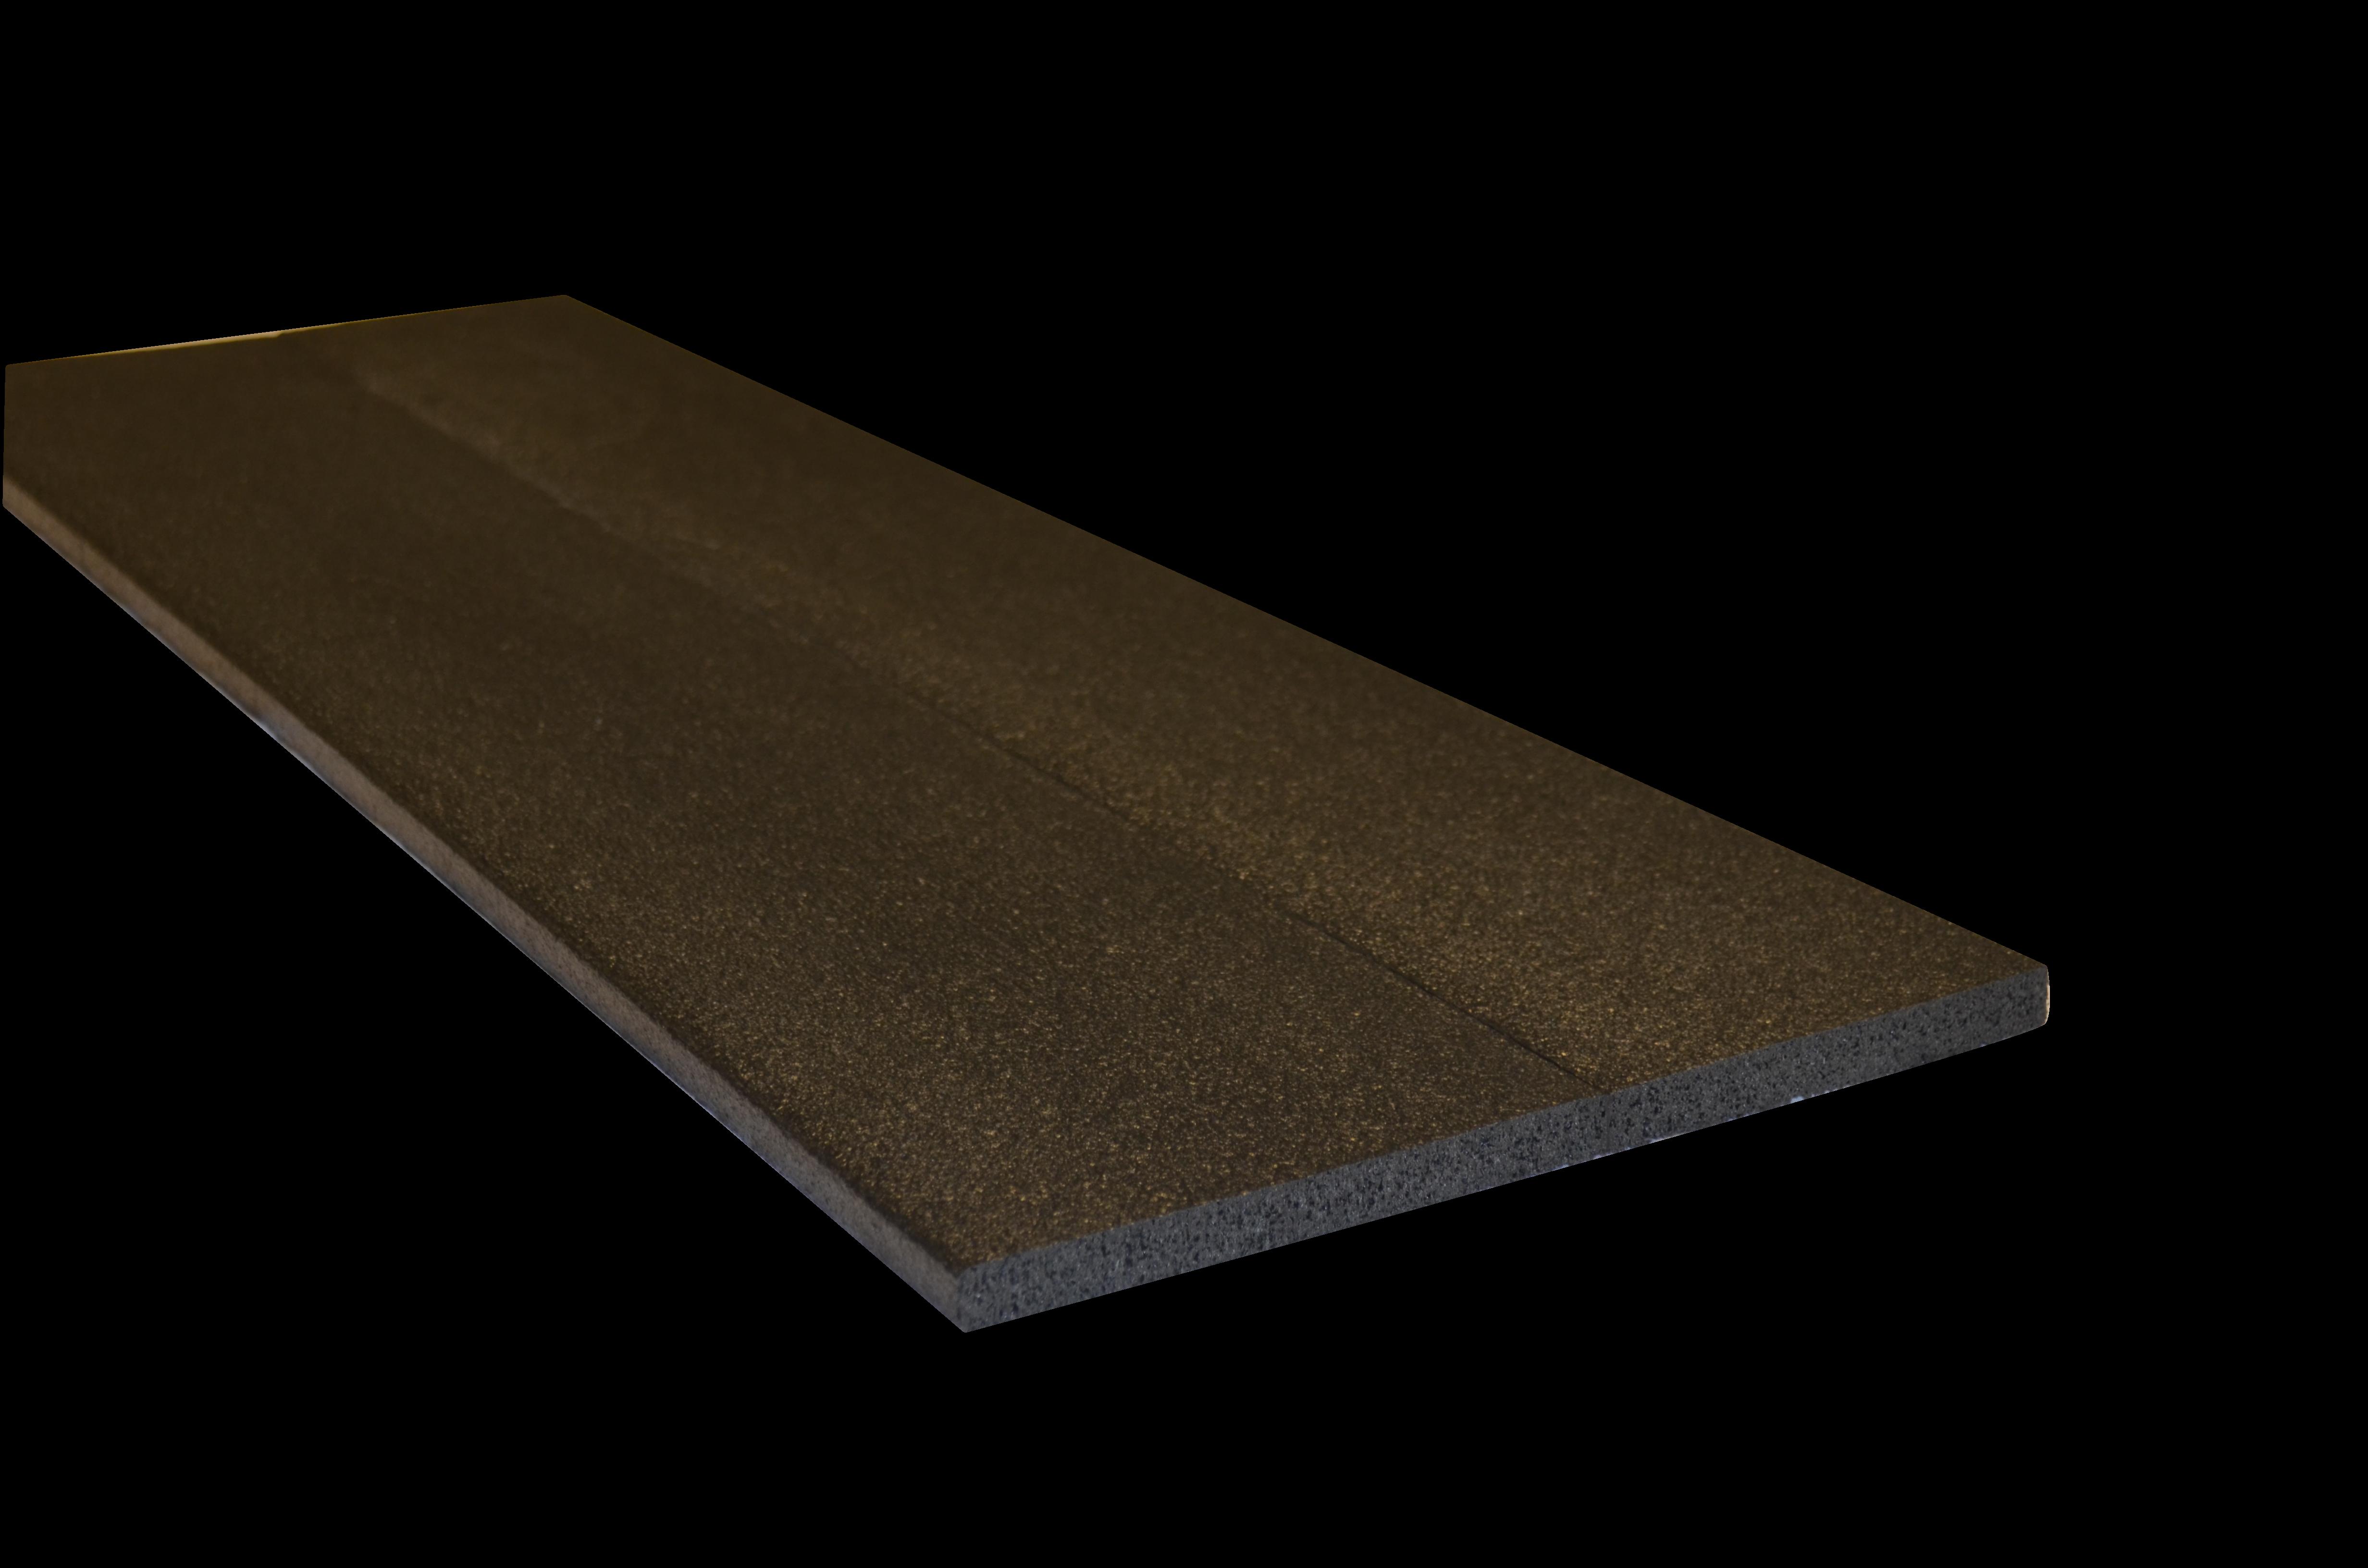 HercuLean structural foam